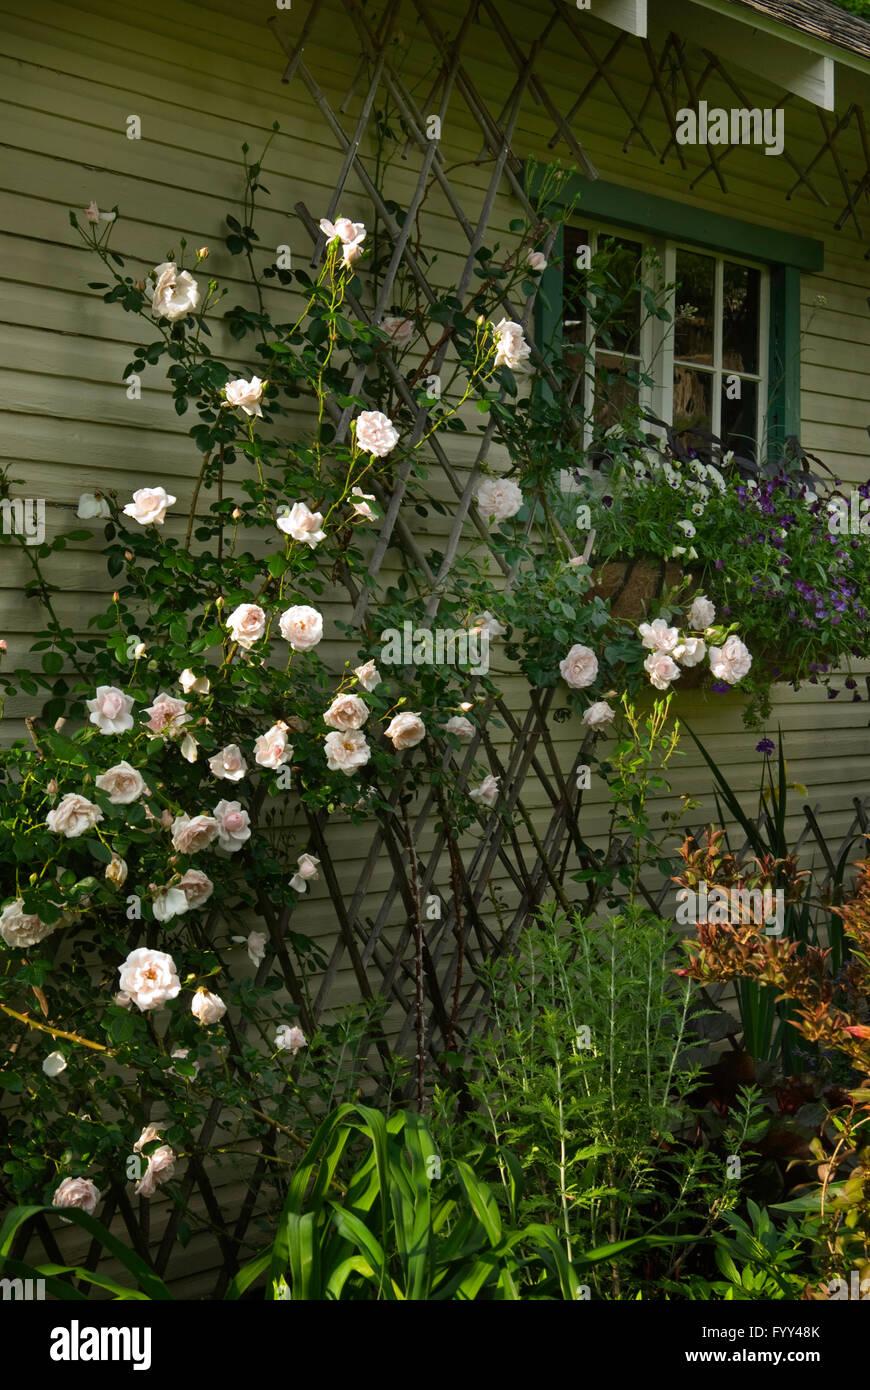 Rose,Rosa AWAKENING - Stock Image